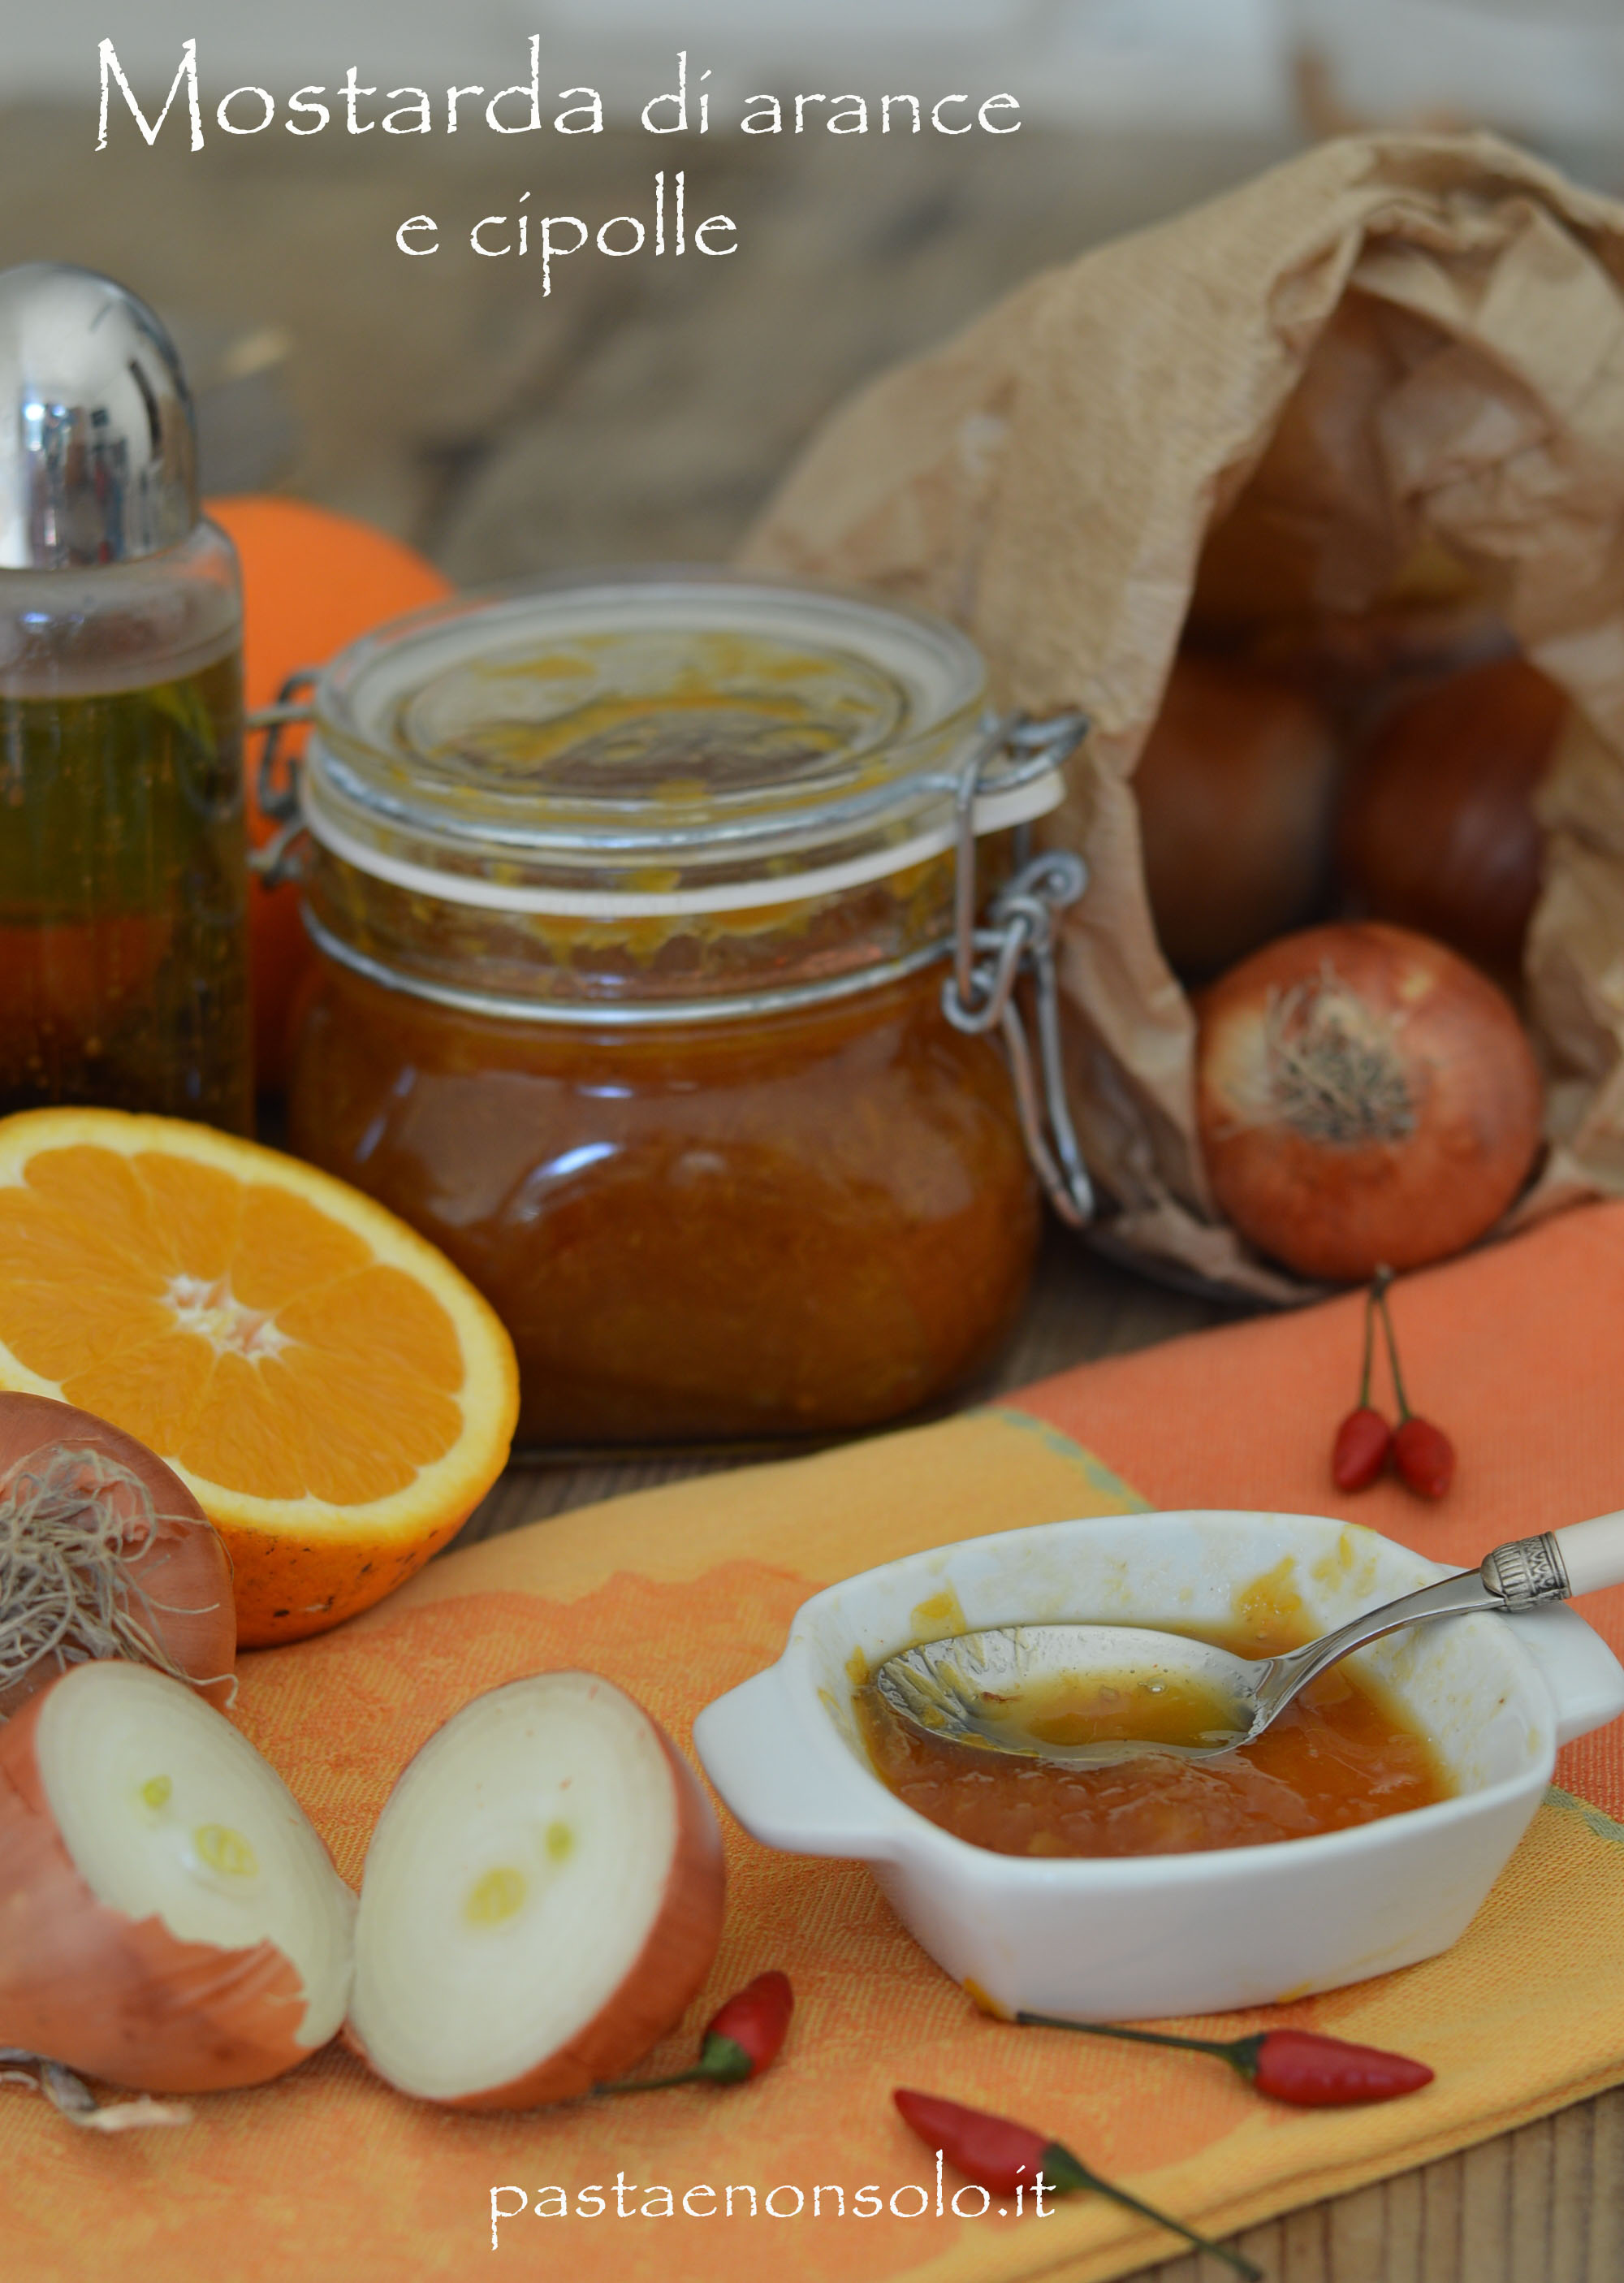 Mostarda arance e cipolle